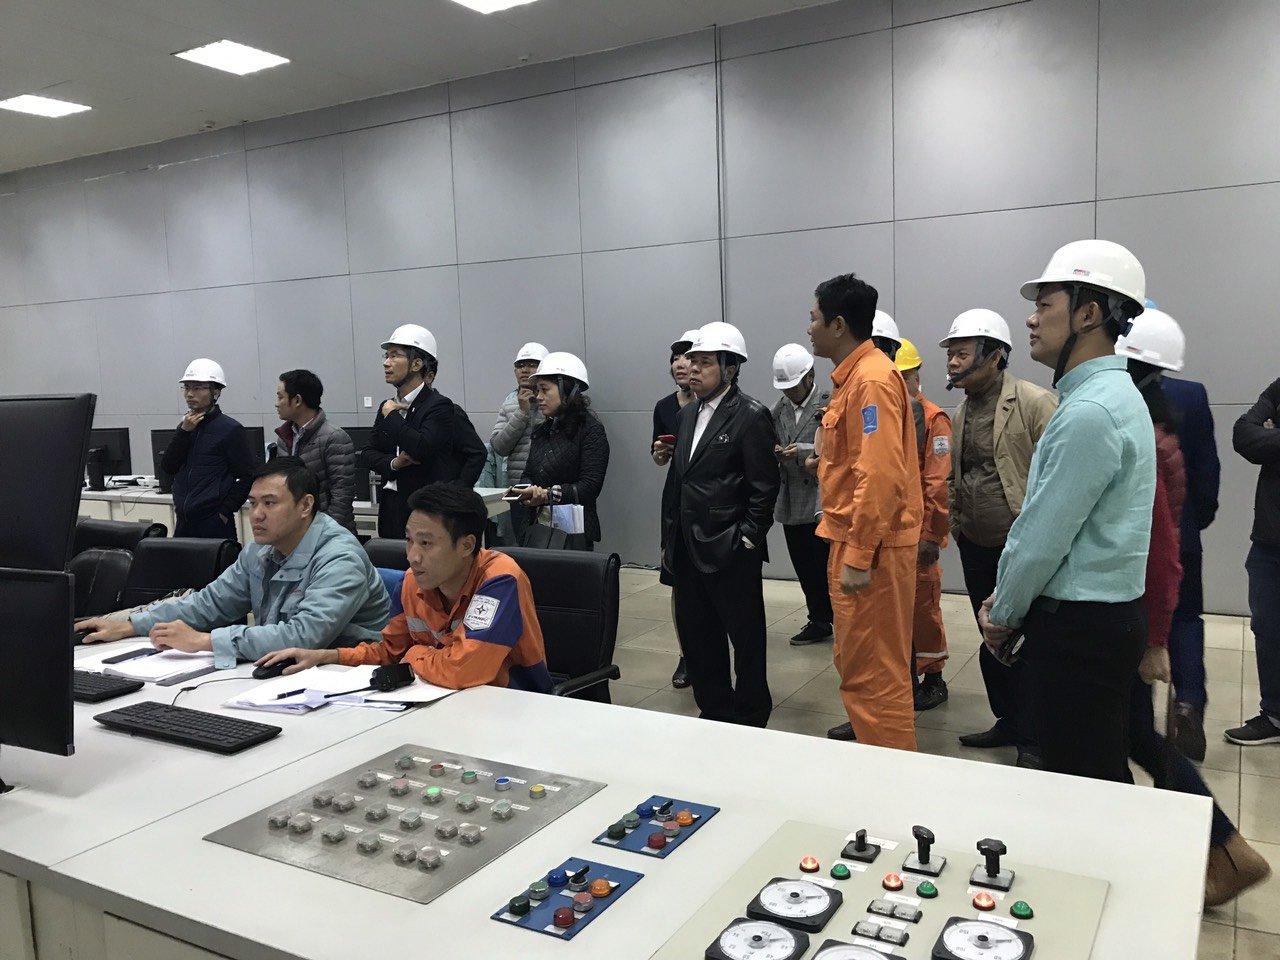 Các nhà nghiên cứu theo dõi thông số kỹ thuật tại phòng điều khiển tổ máy số 3, Công ty Cổ phần Nhiệt điện Hải Phòng | Anh: NVCC